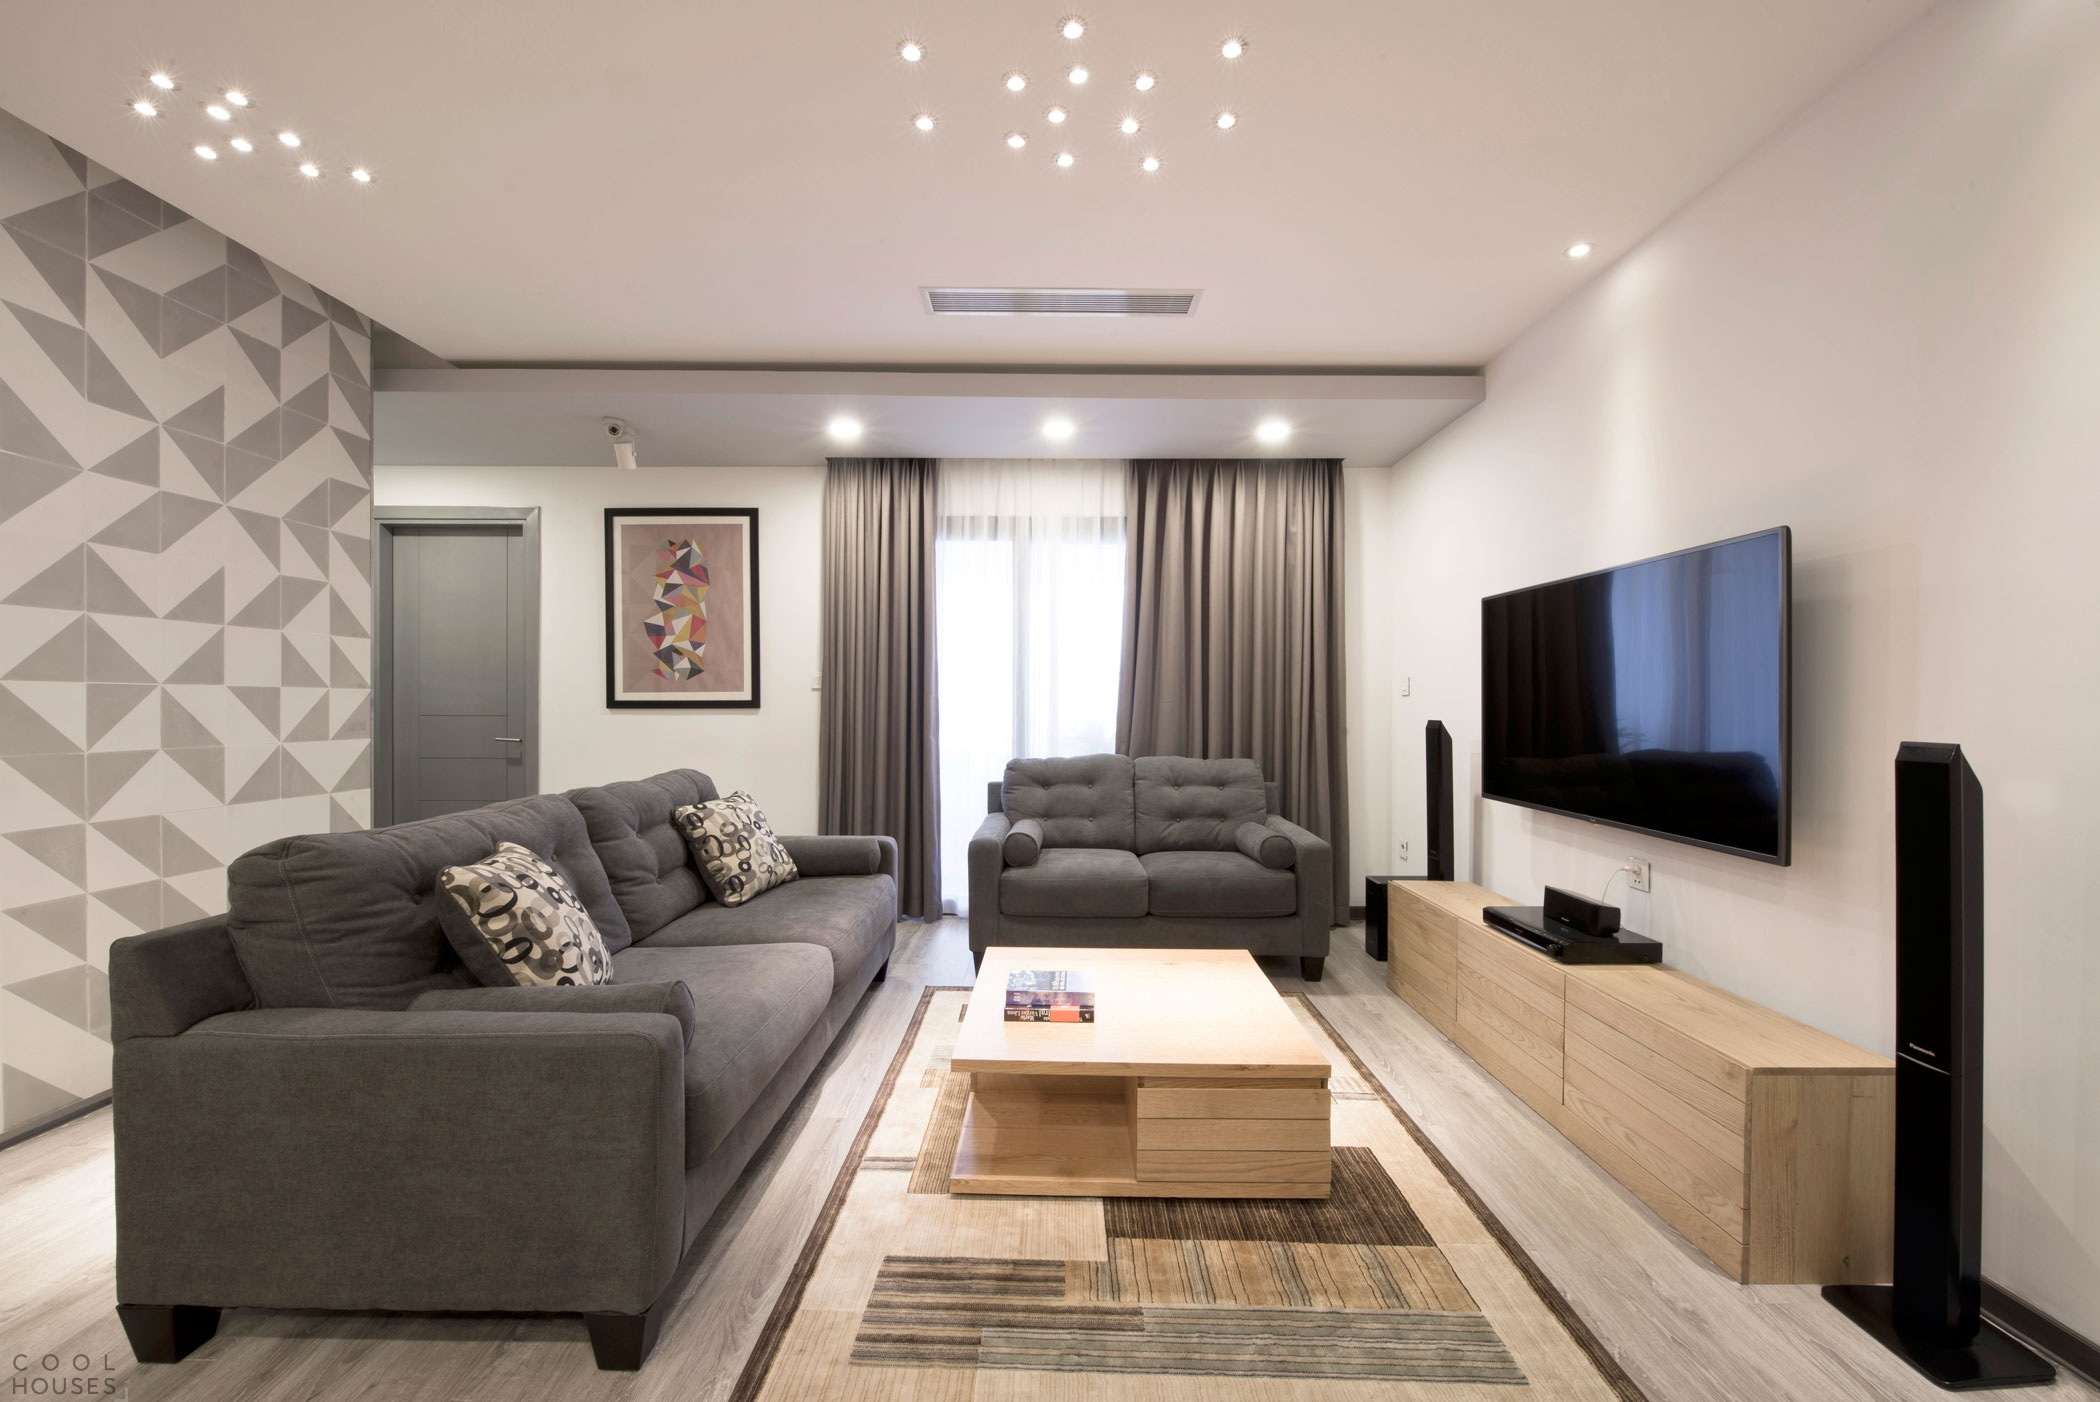 Як охолодити квартиру без кондиціонера